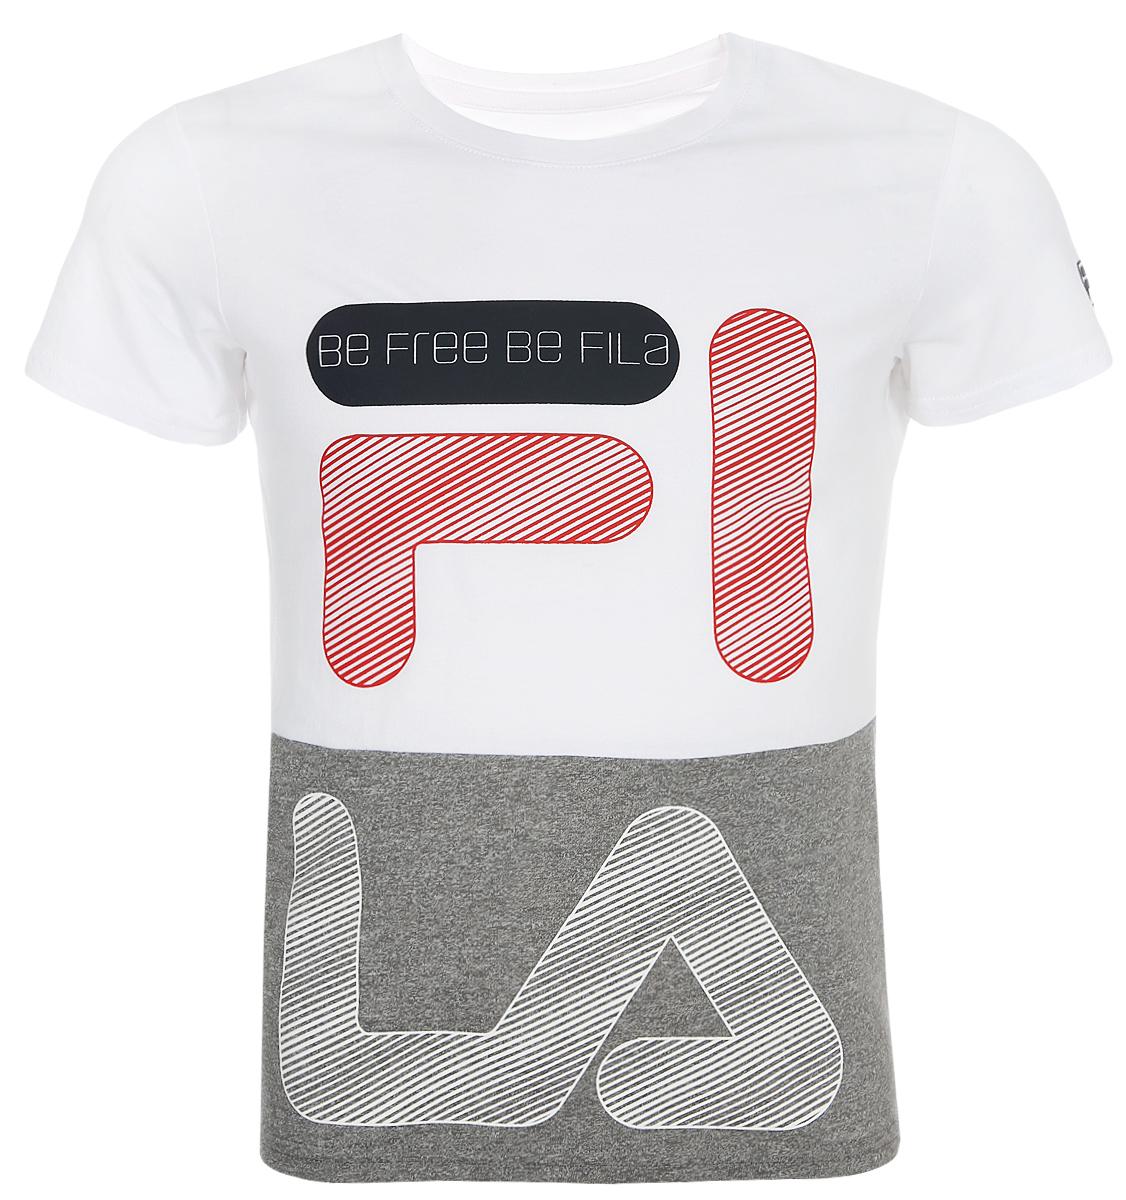 Футболка для мальчика Fila, цвет: белый. A19AFLTSB01-00. Размер 140 футболка для девочки fila цвет белый a19afltsg02 00 размер 164